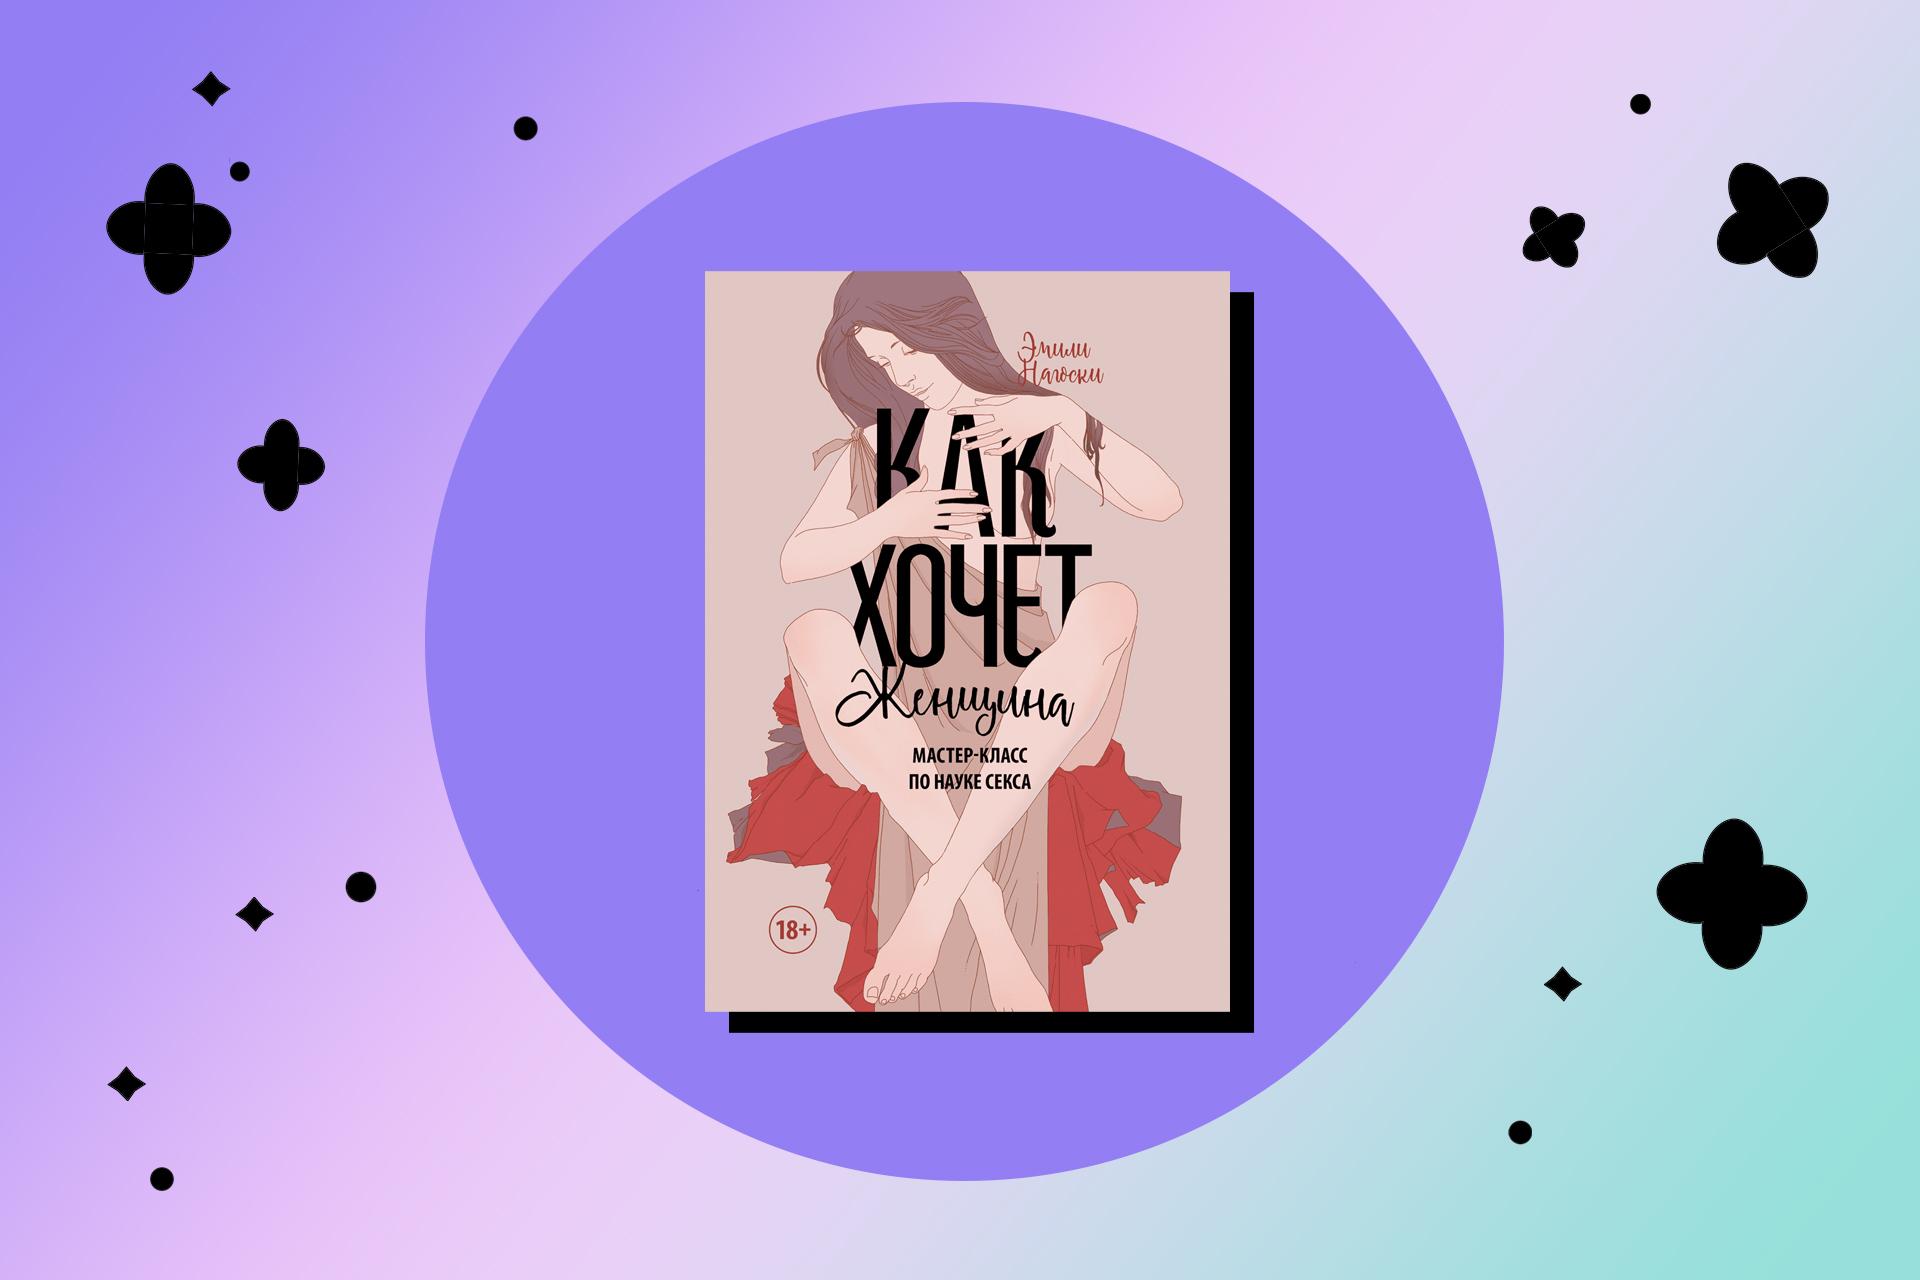 Купить книгу Как хочет женщина Нагоски